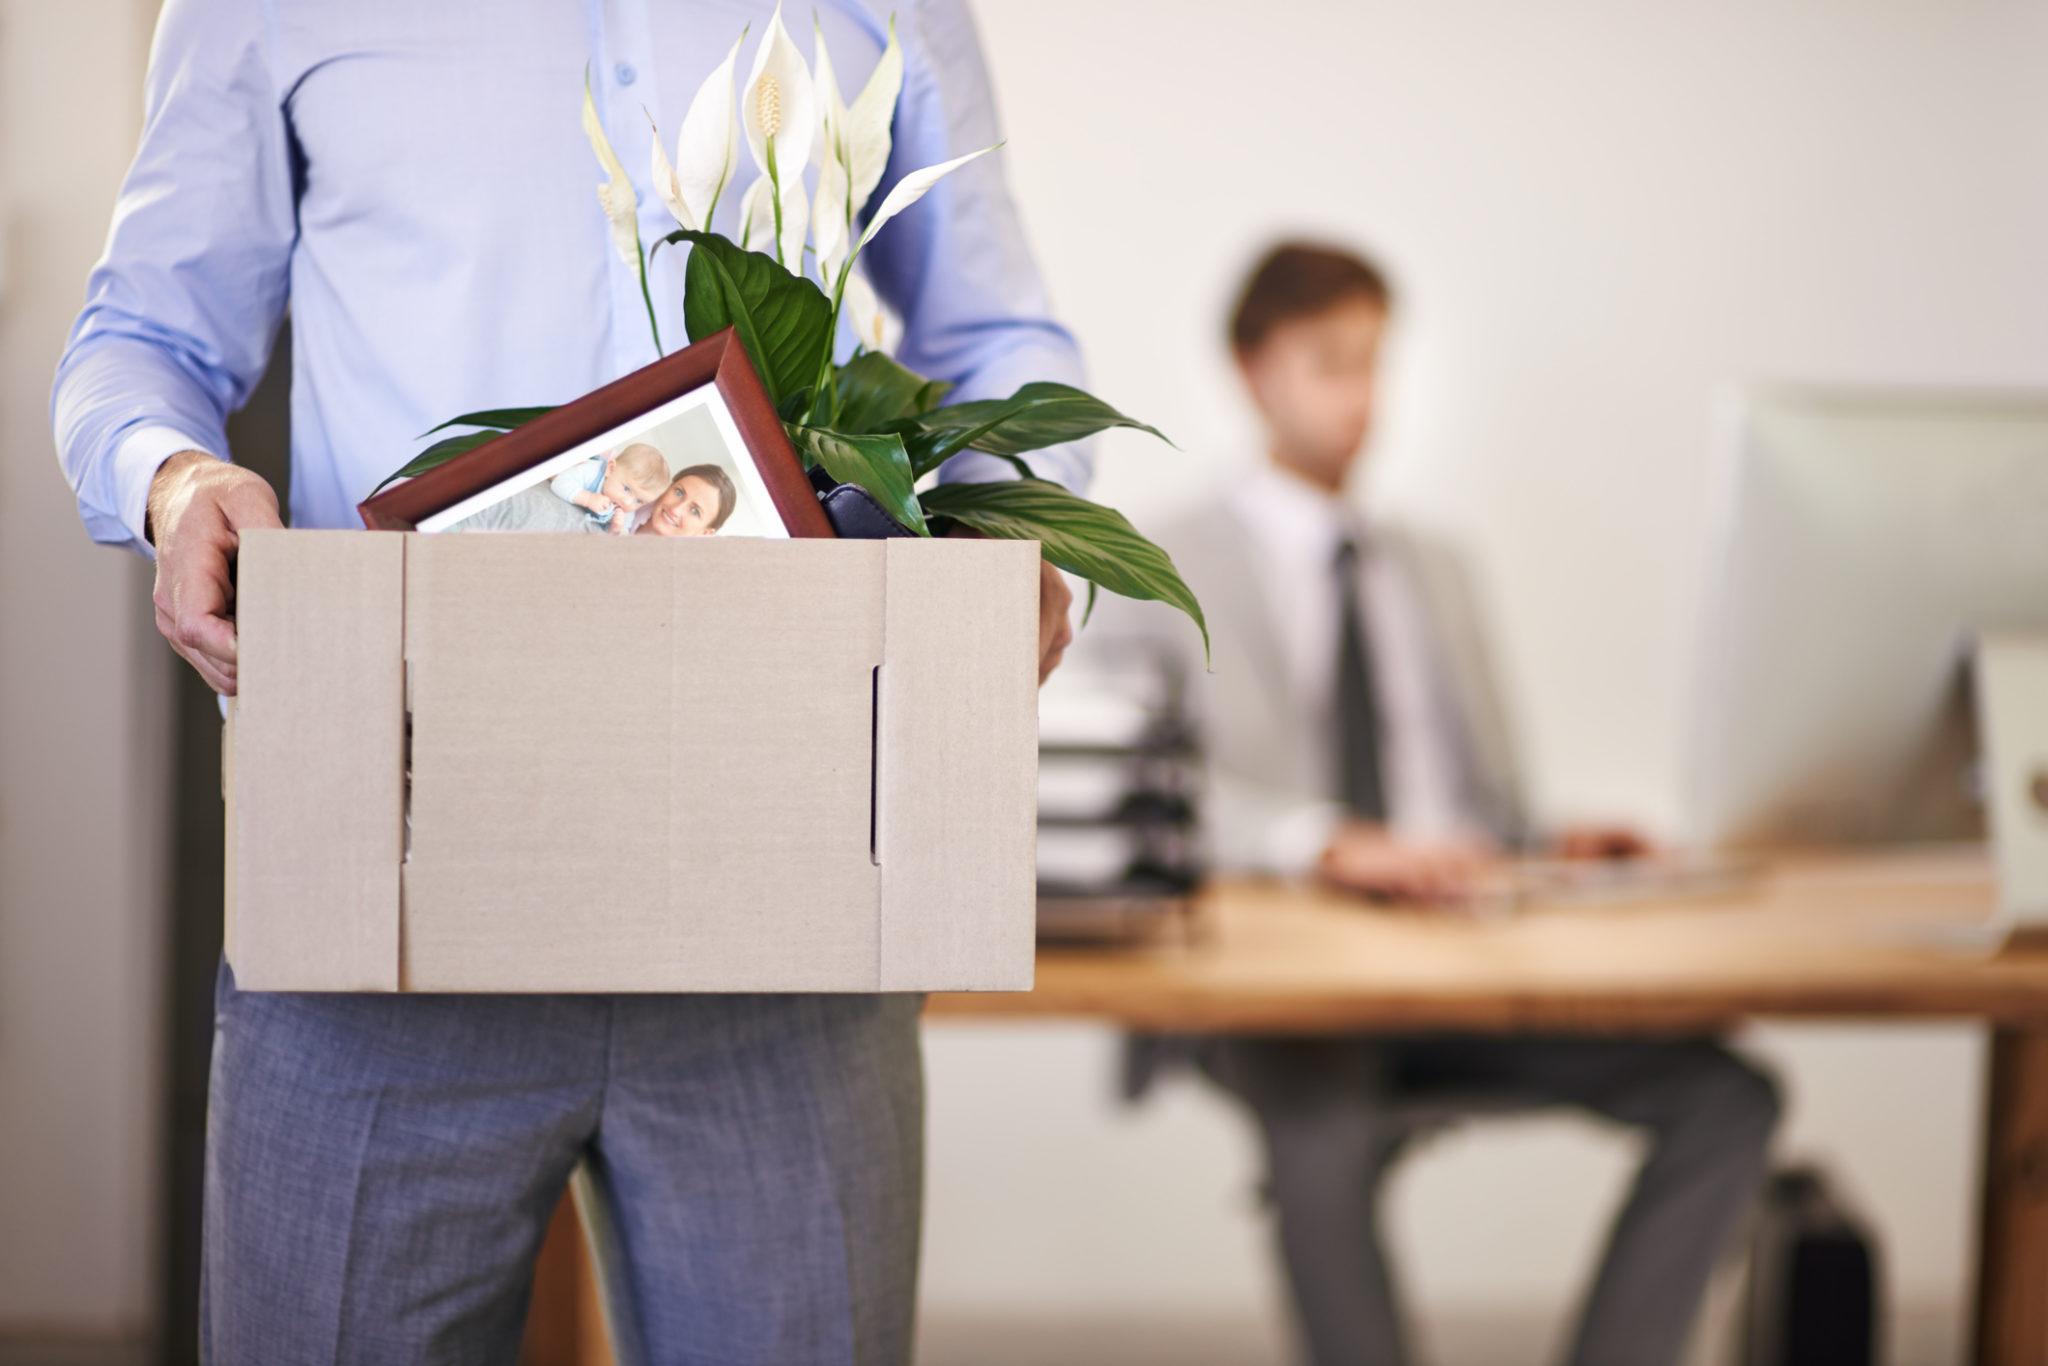 chômage démission pôle emploi